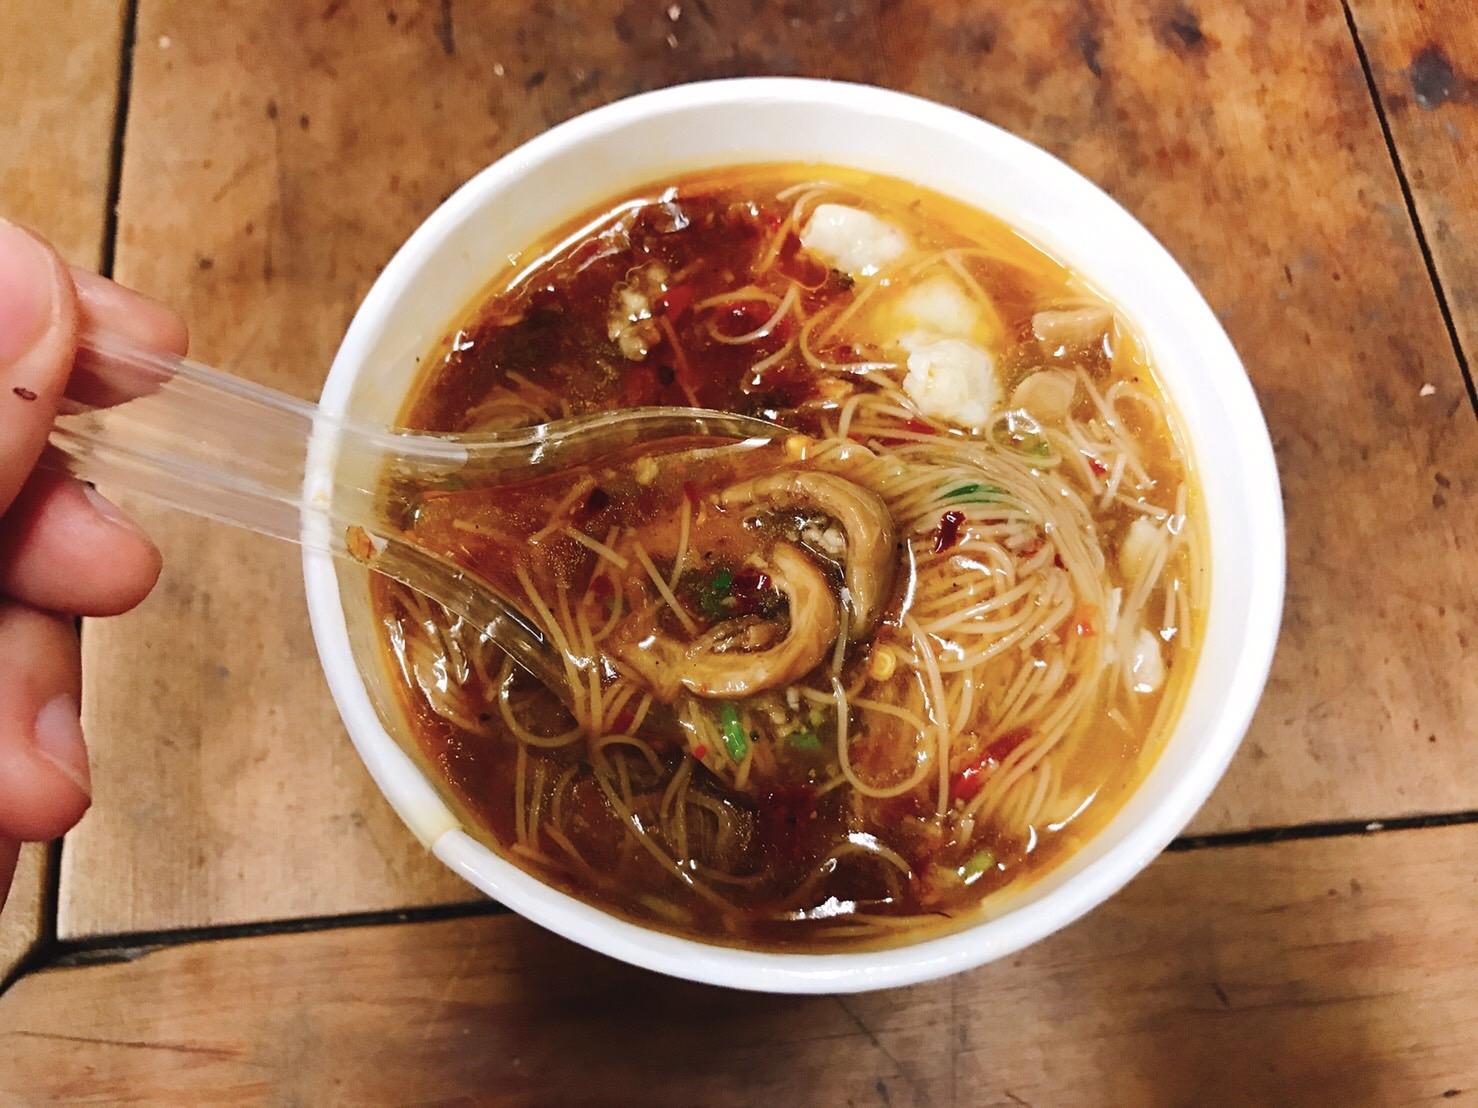 阿宗麺線は台北で絶対食べたい超有名屋台メニュー!穴場の支店情報も!